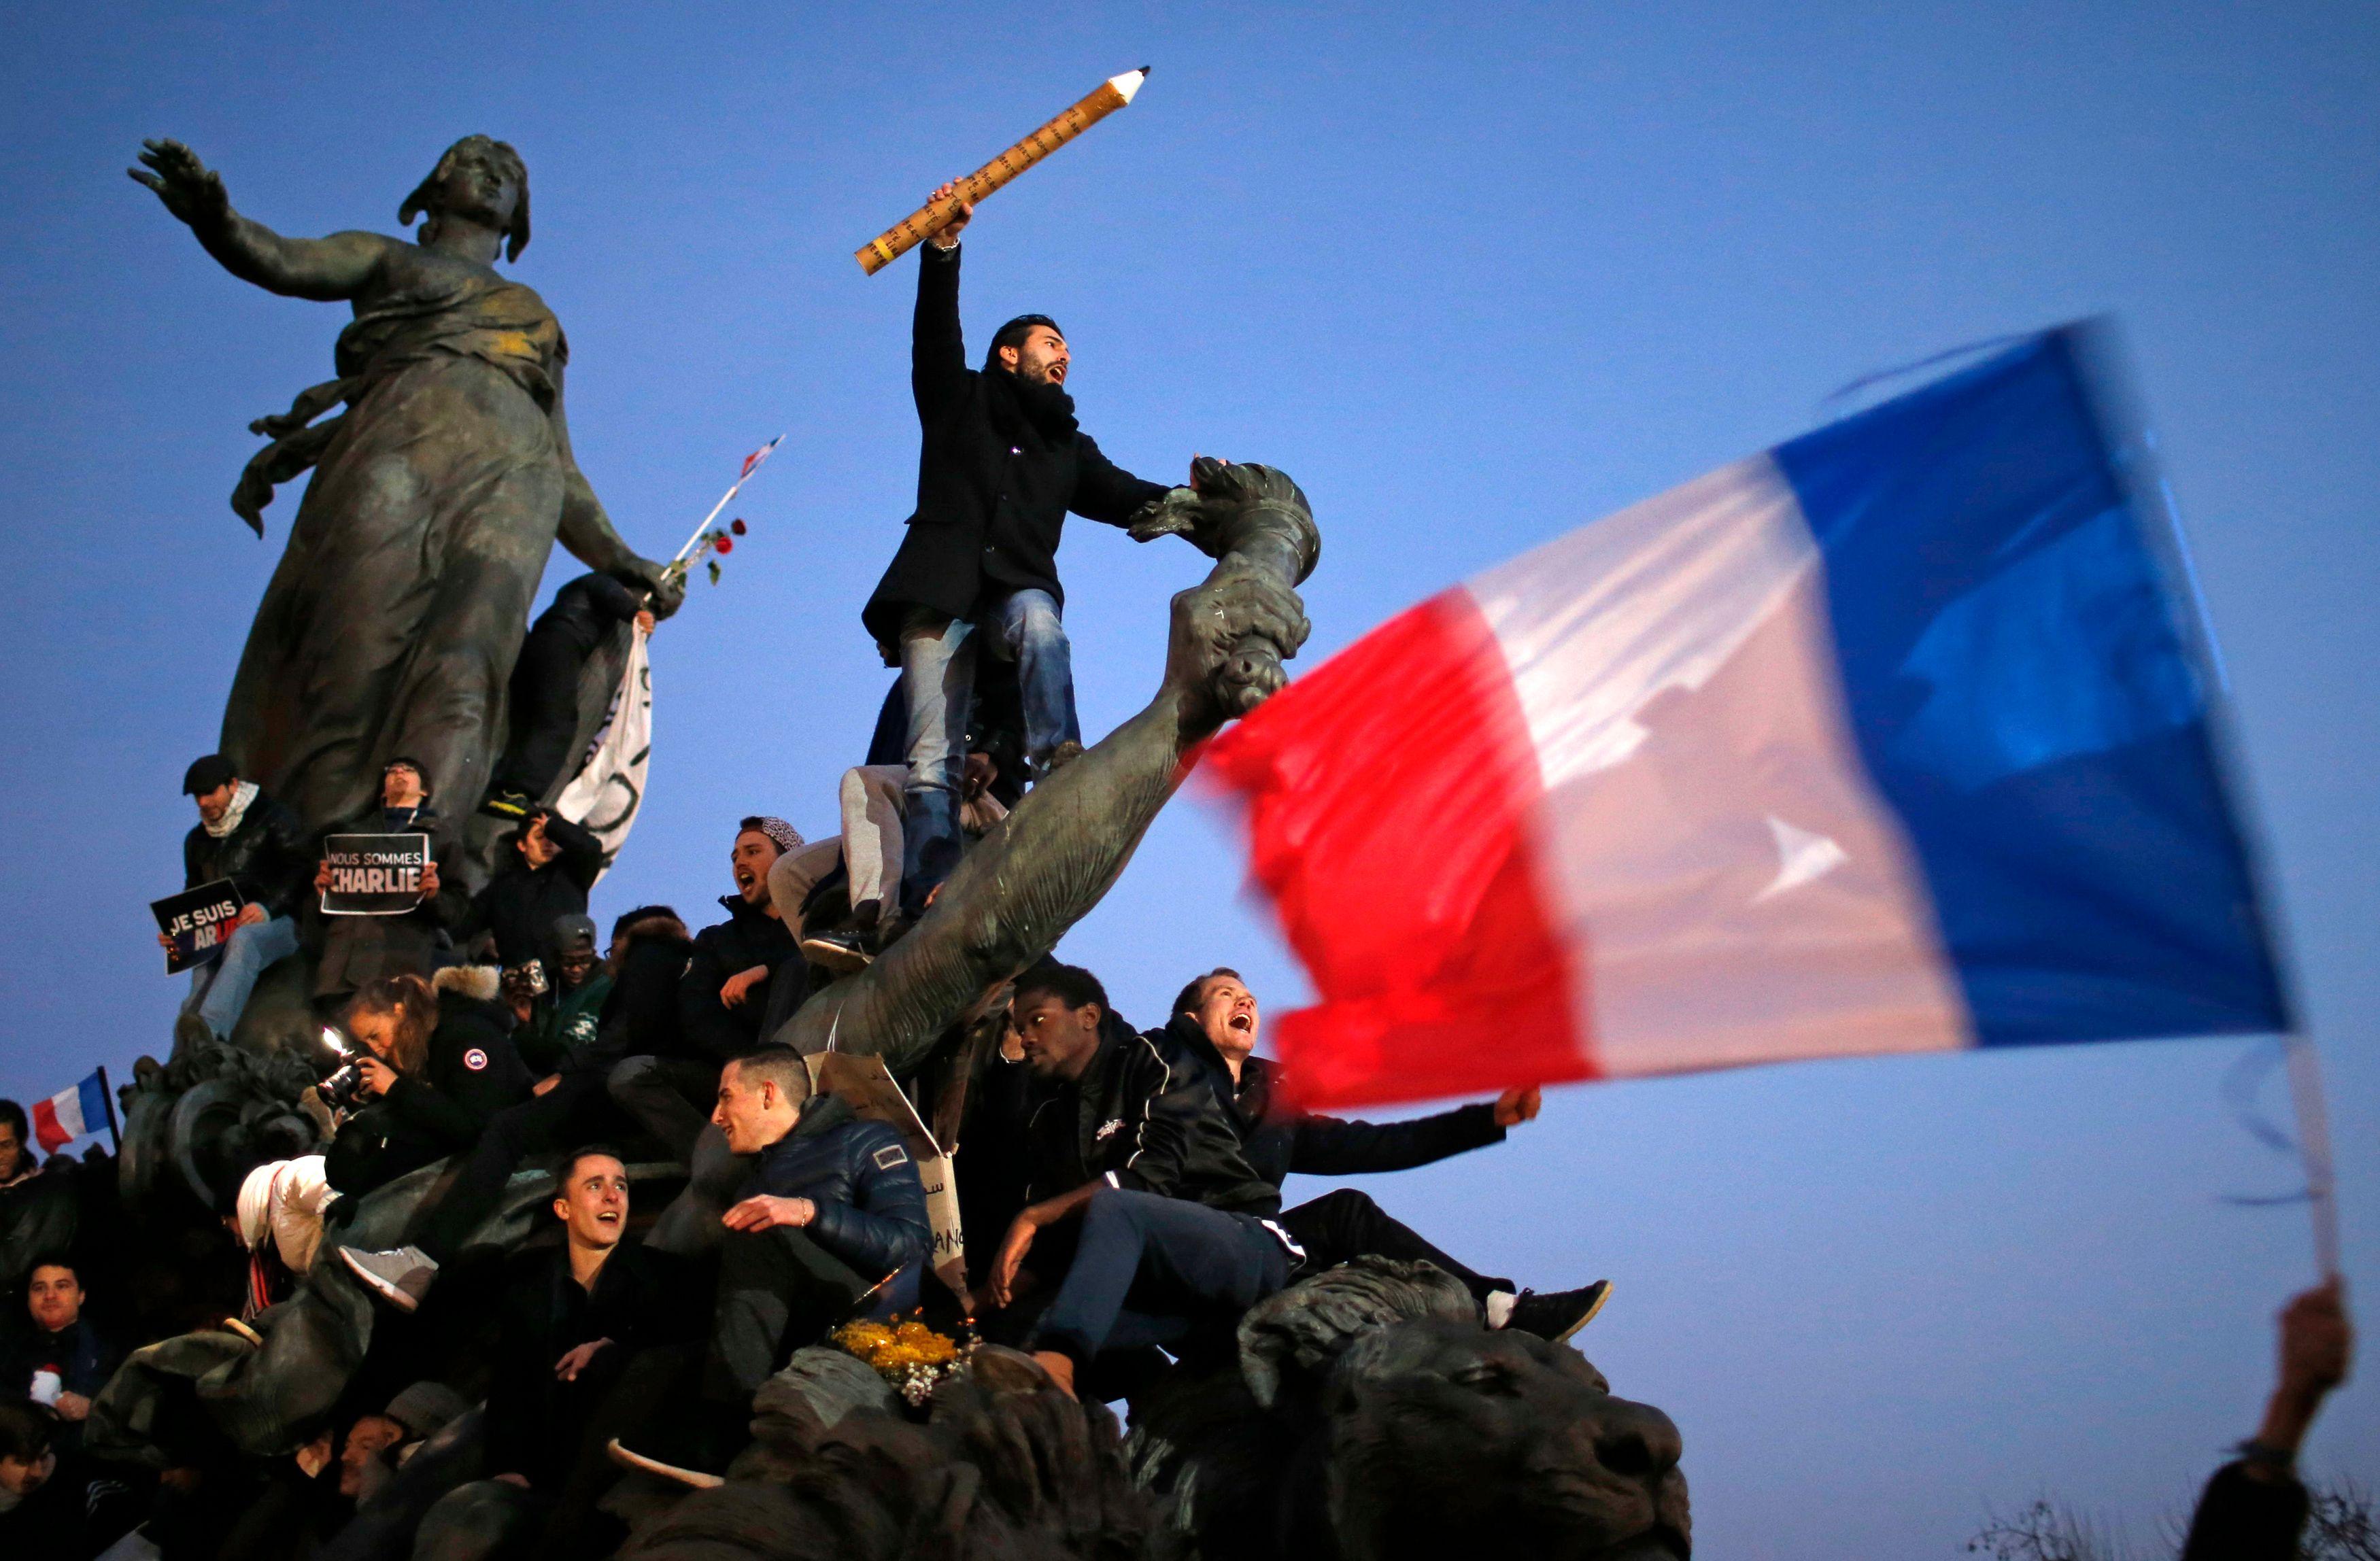 La manifestation de ce dimanche est la plus grande mobilisation de l'histoire de France